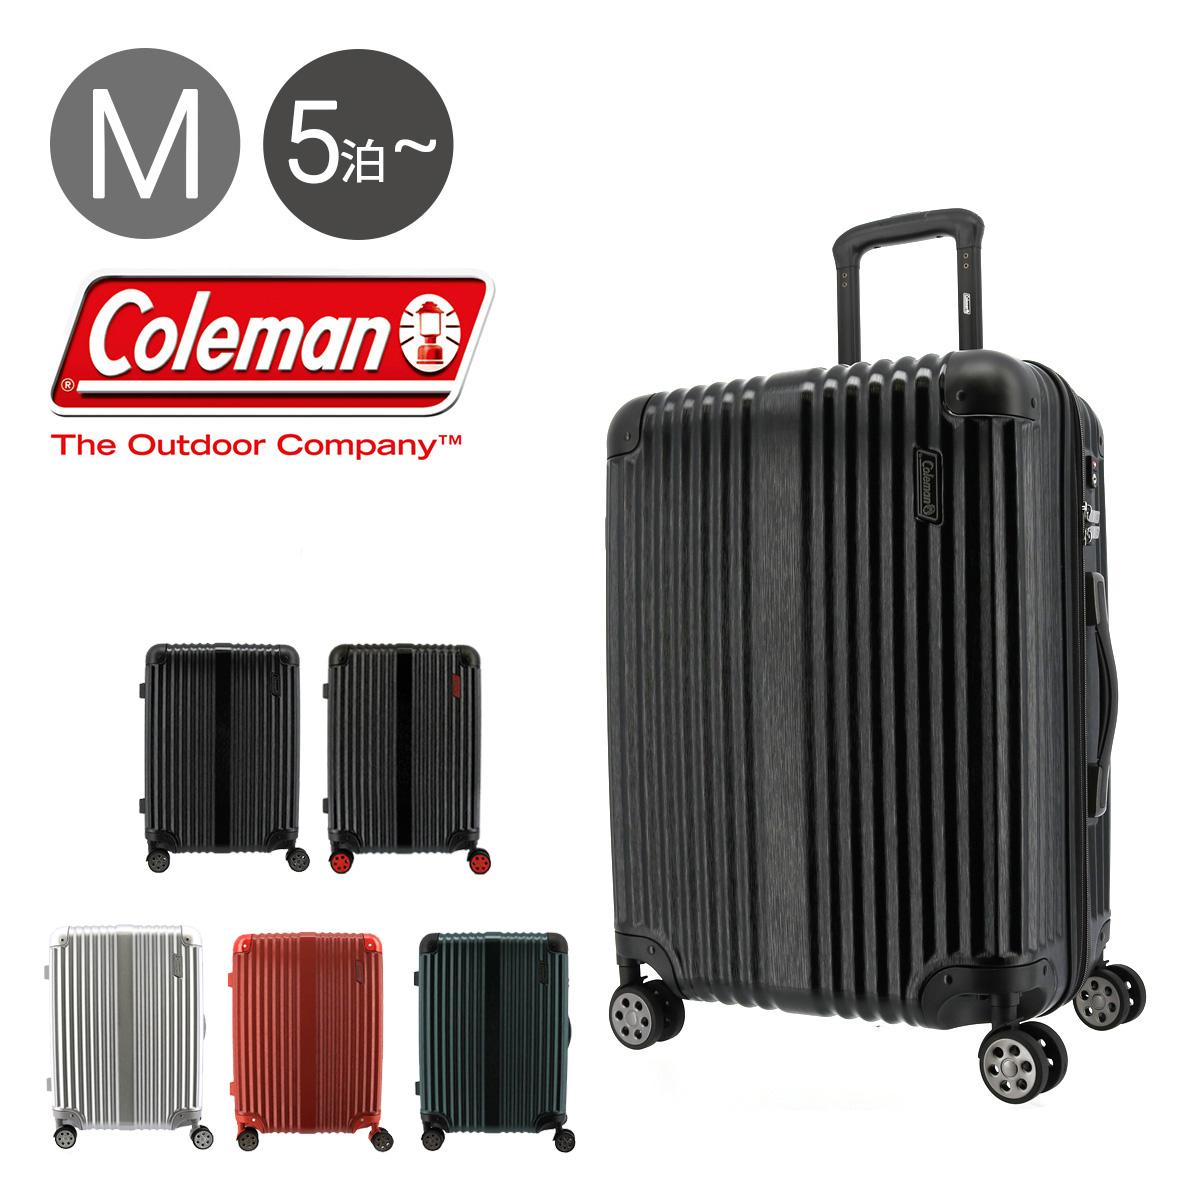 コールマン スーツケース Sacsbar 63l コラボ 73l 56cm 3 9kg 14 60